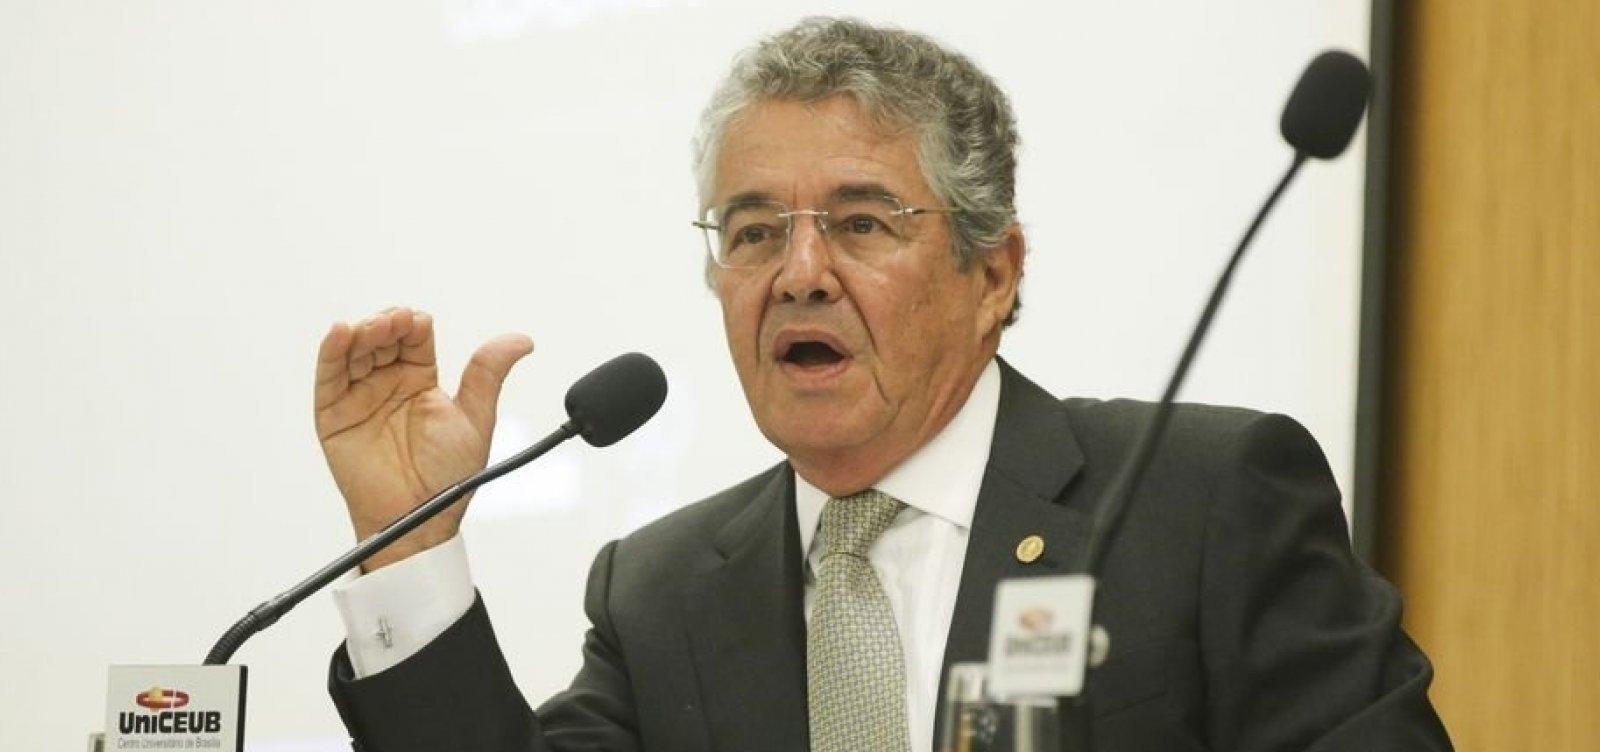 [Marco Aurélio Mello diz que decisão do STF pode levar a anulação de condenações]